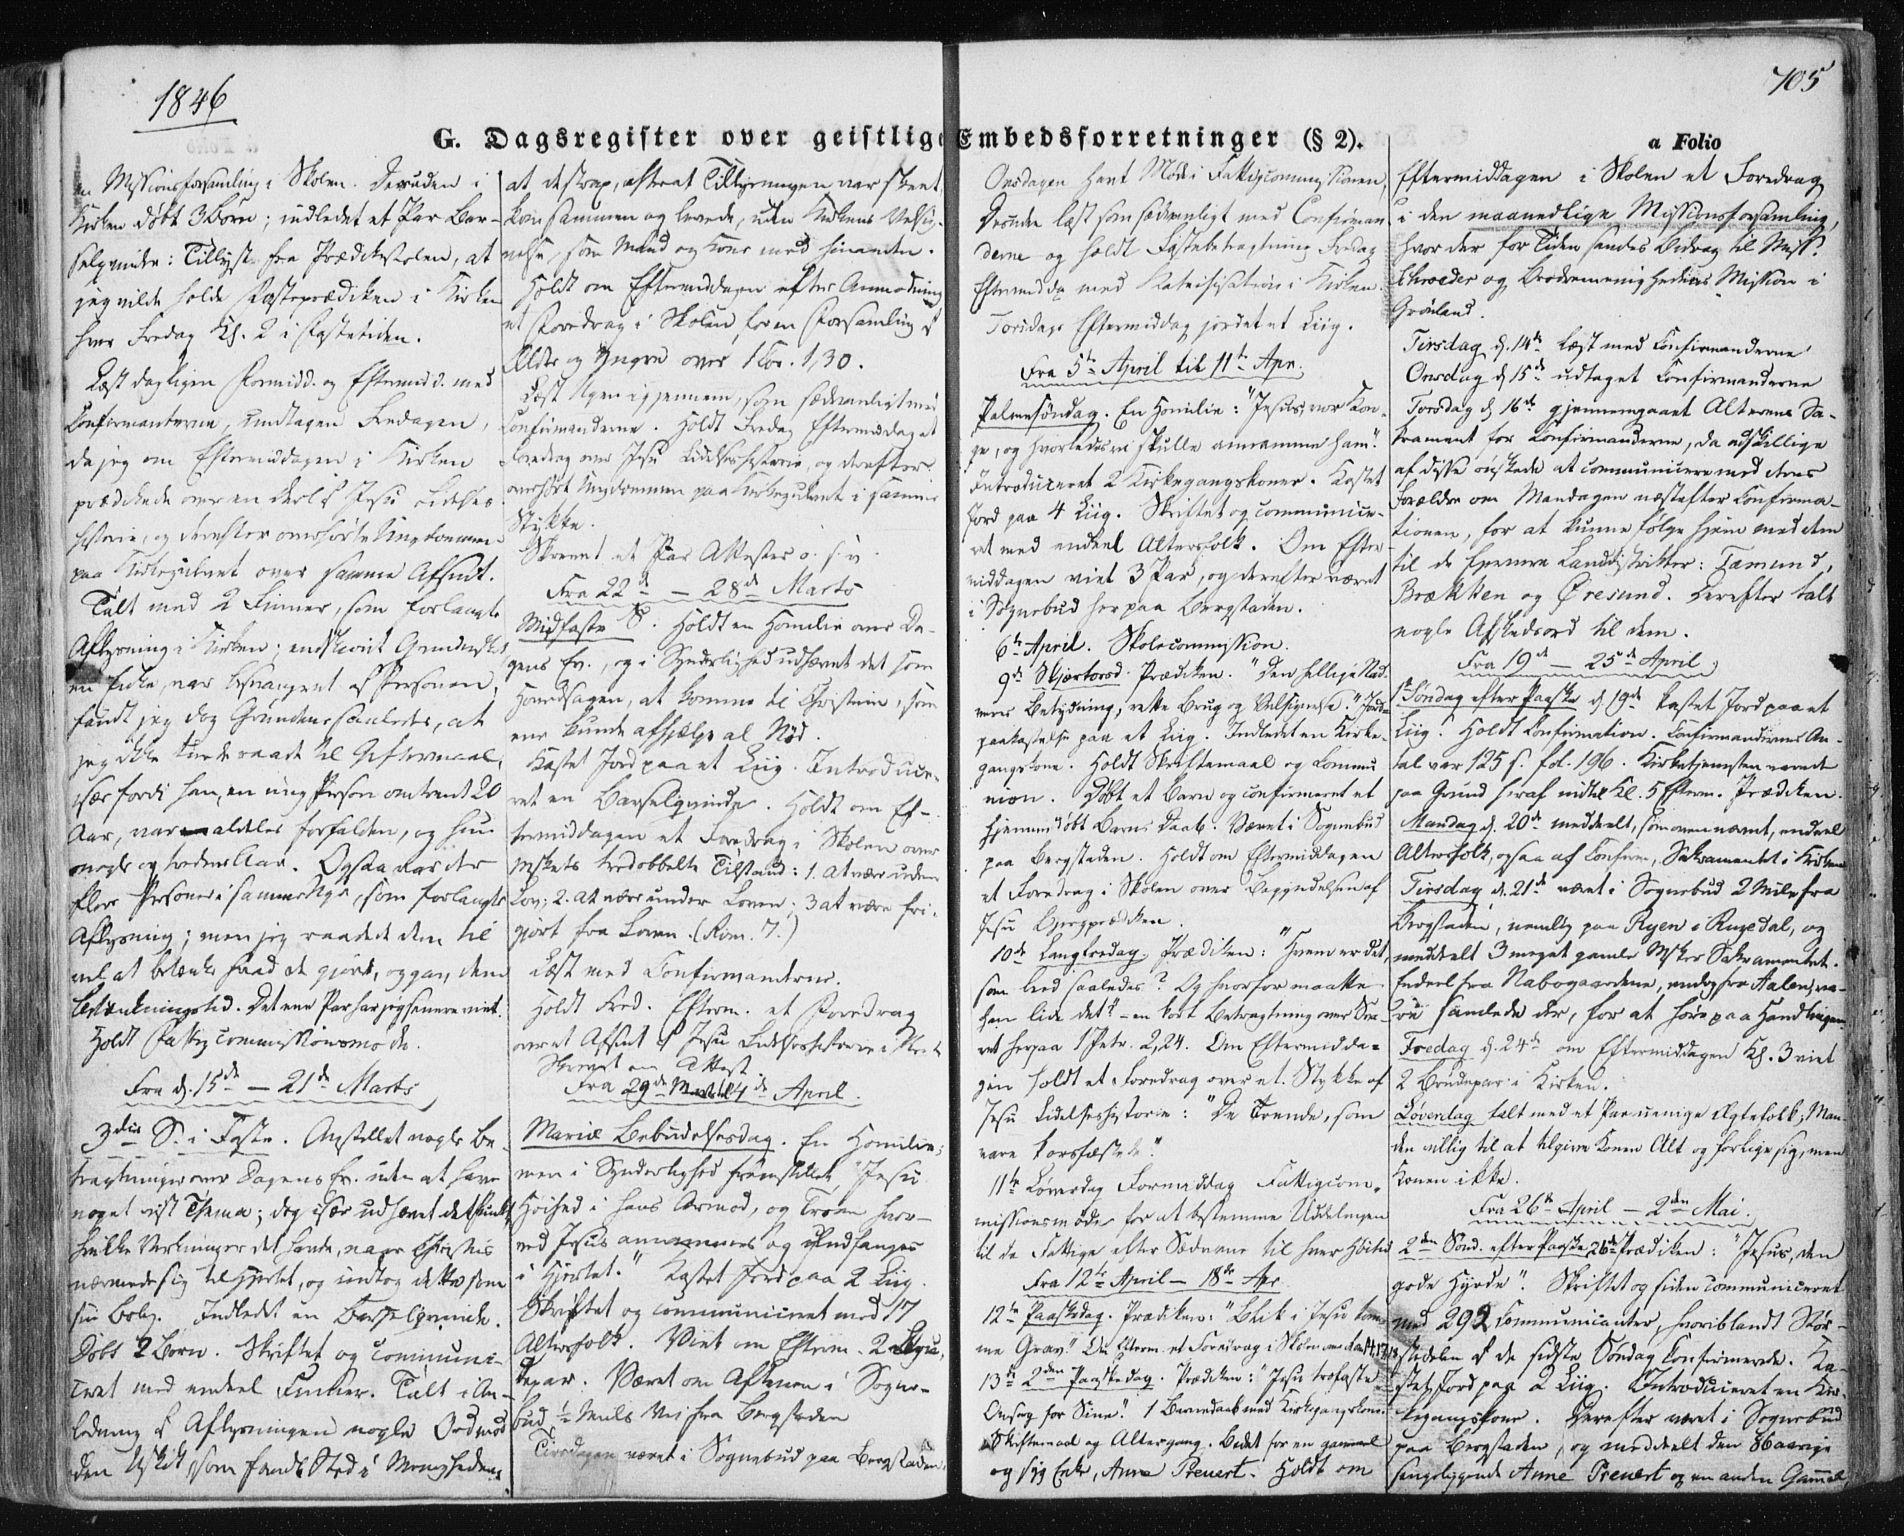 SAT, Ministerialprotokoller, klokkerbøker og fødselsregistre - Sør-Trøndelag, 681/L0931: Ministerialbok nr. 681A09, 1845-1859, s. 705